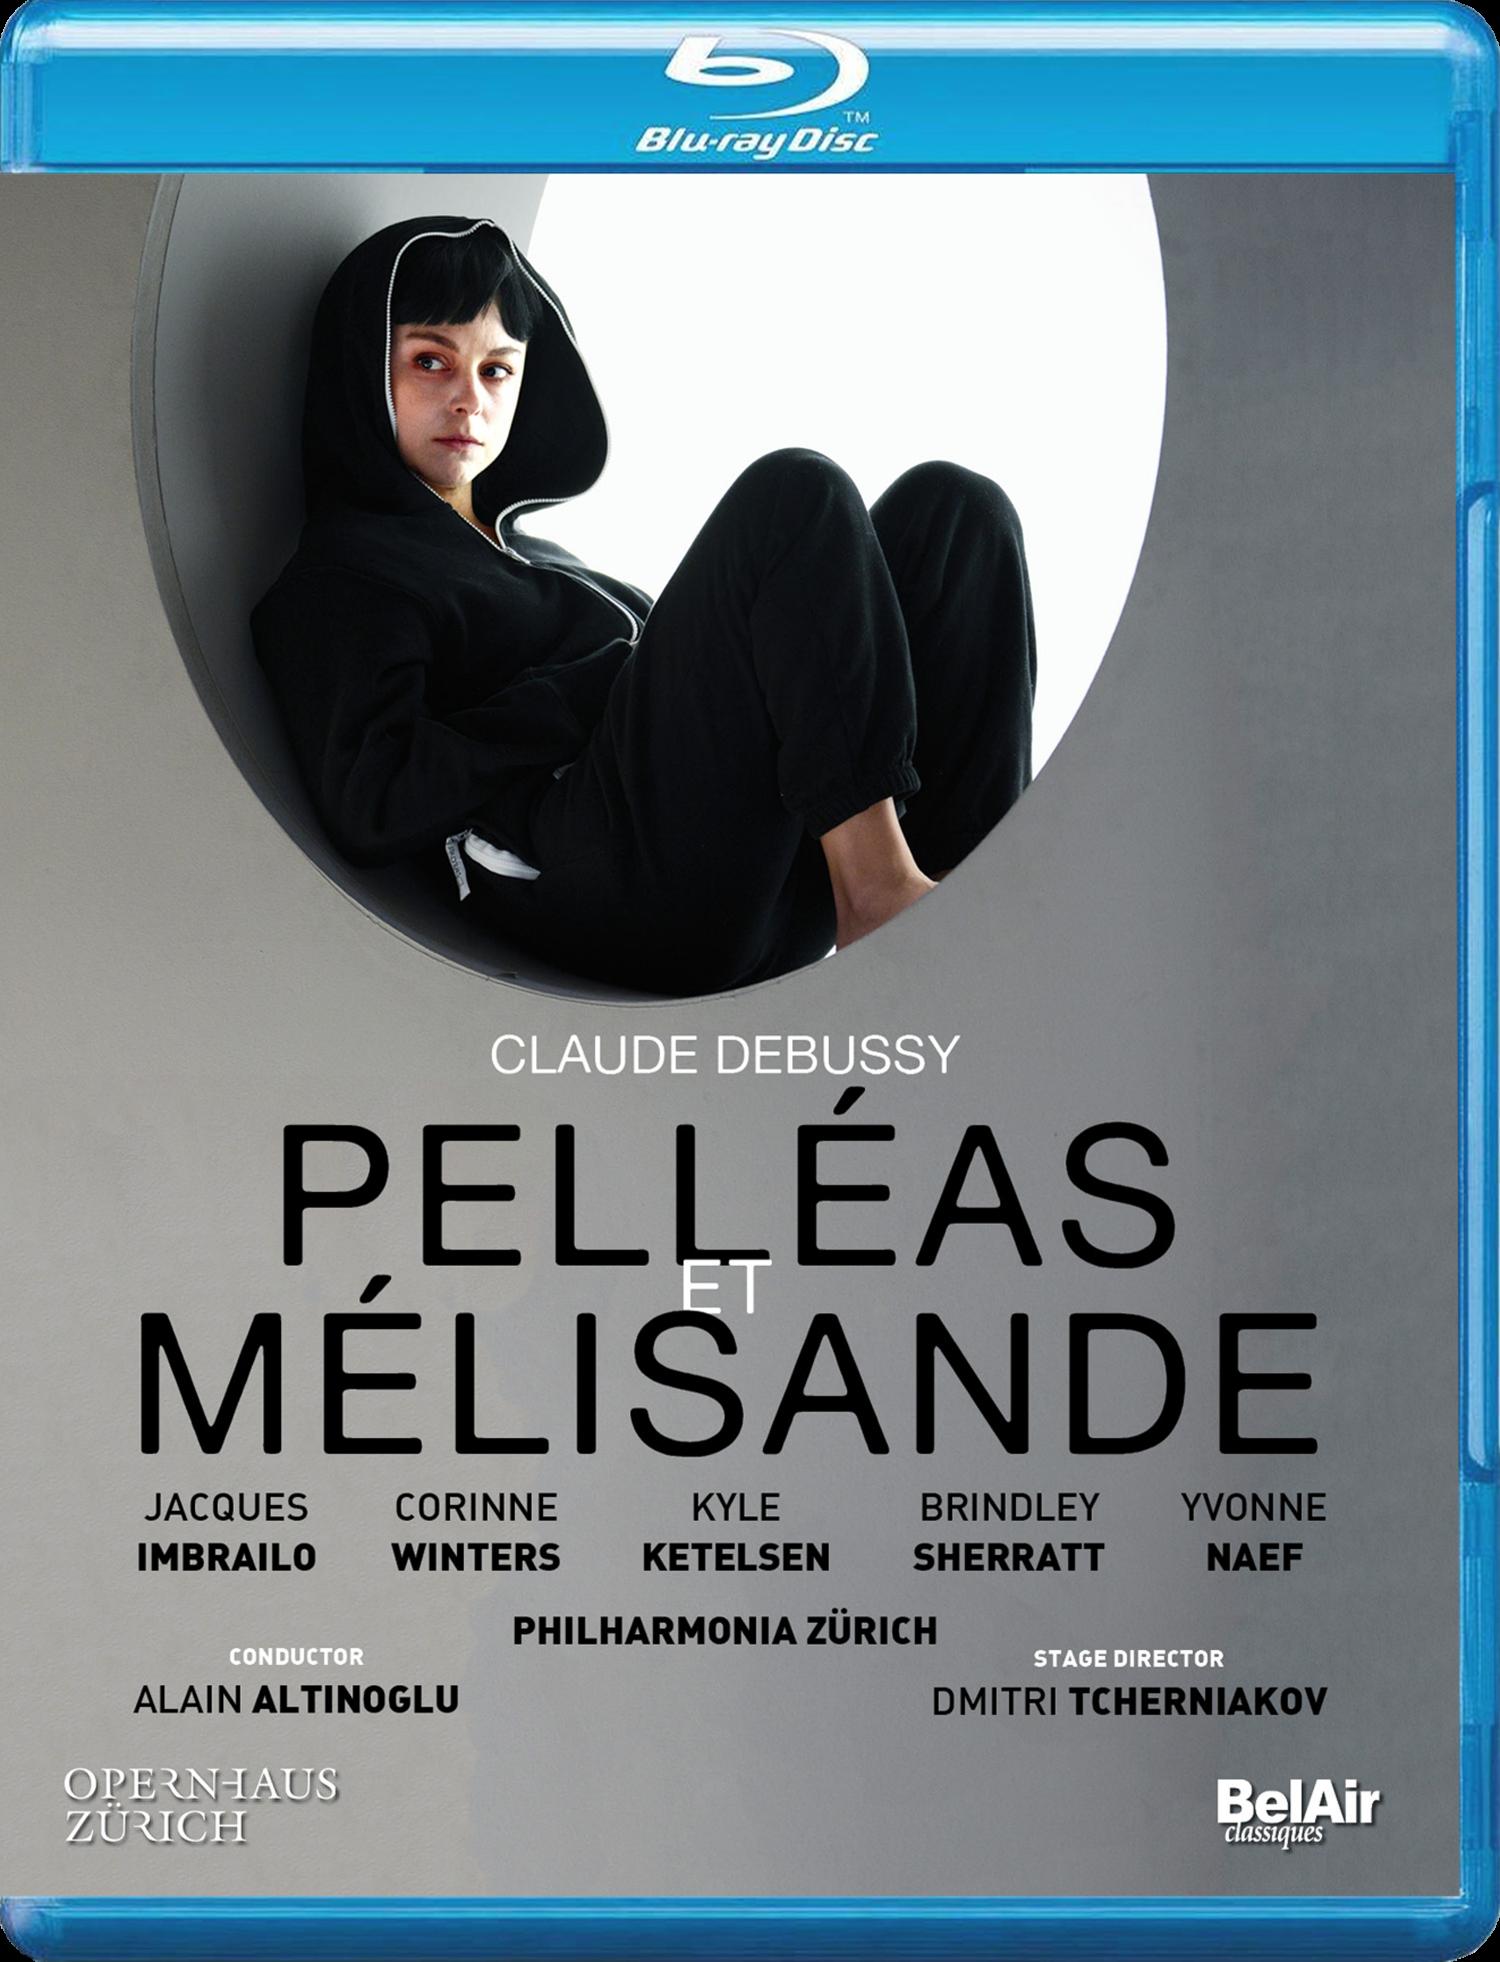 Debussy - Pelléas et Mélisande (3) - Page 9 Bac457-coverbluray-pellasrecto